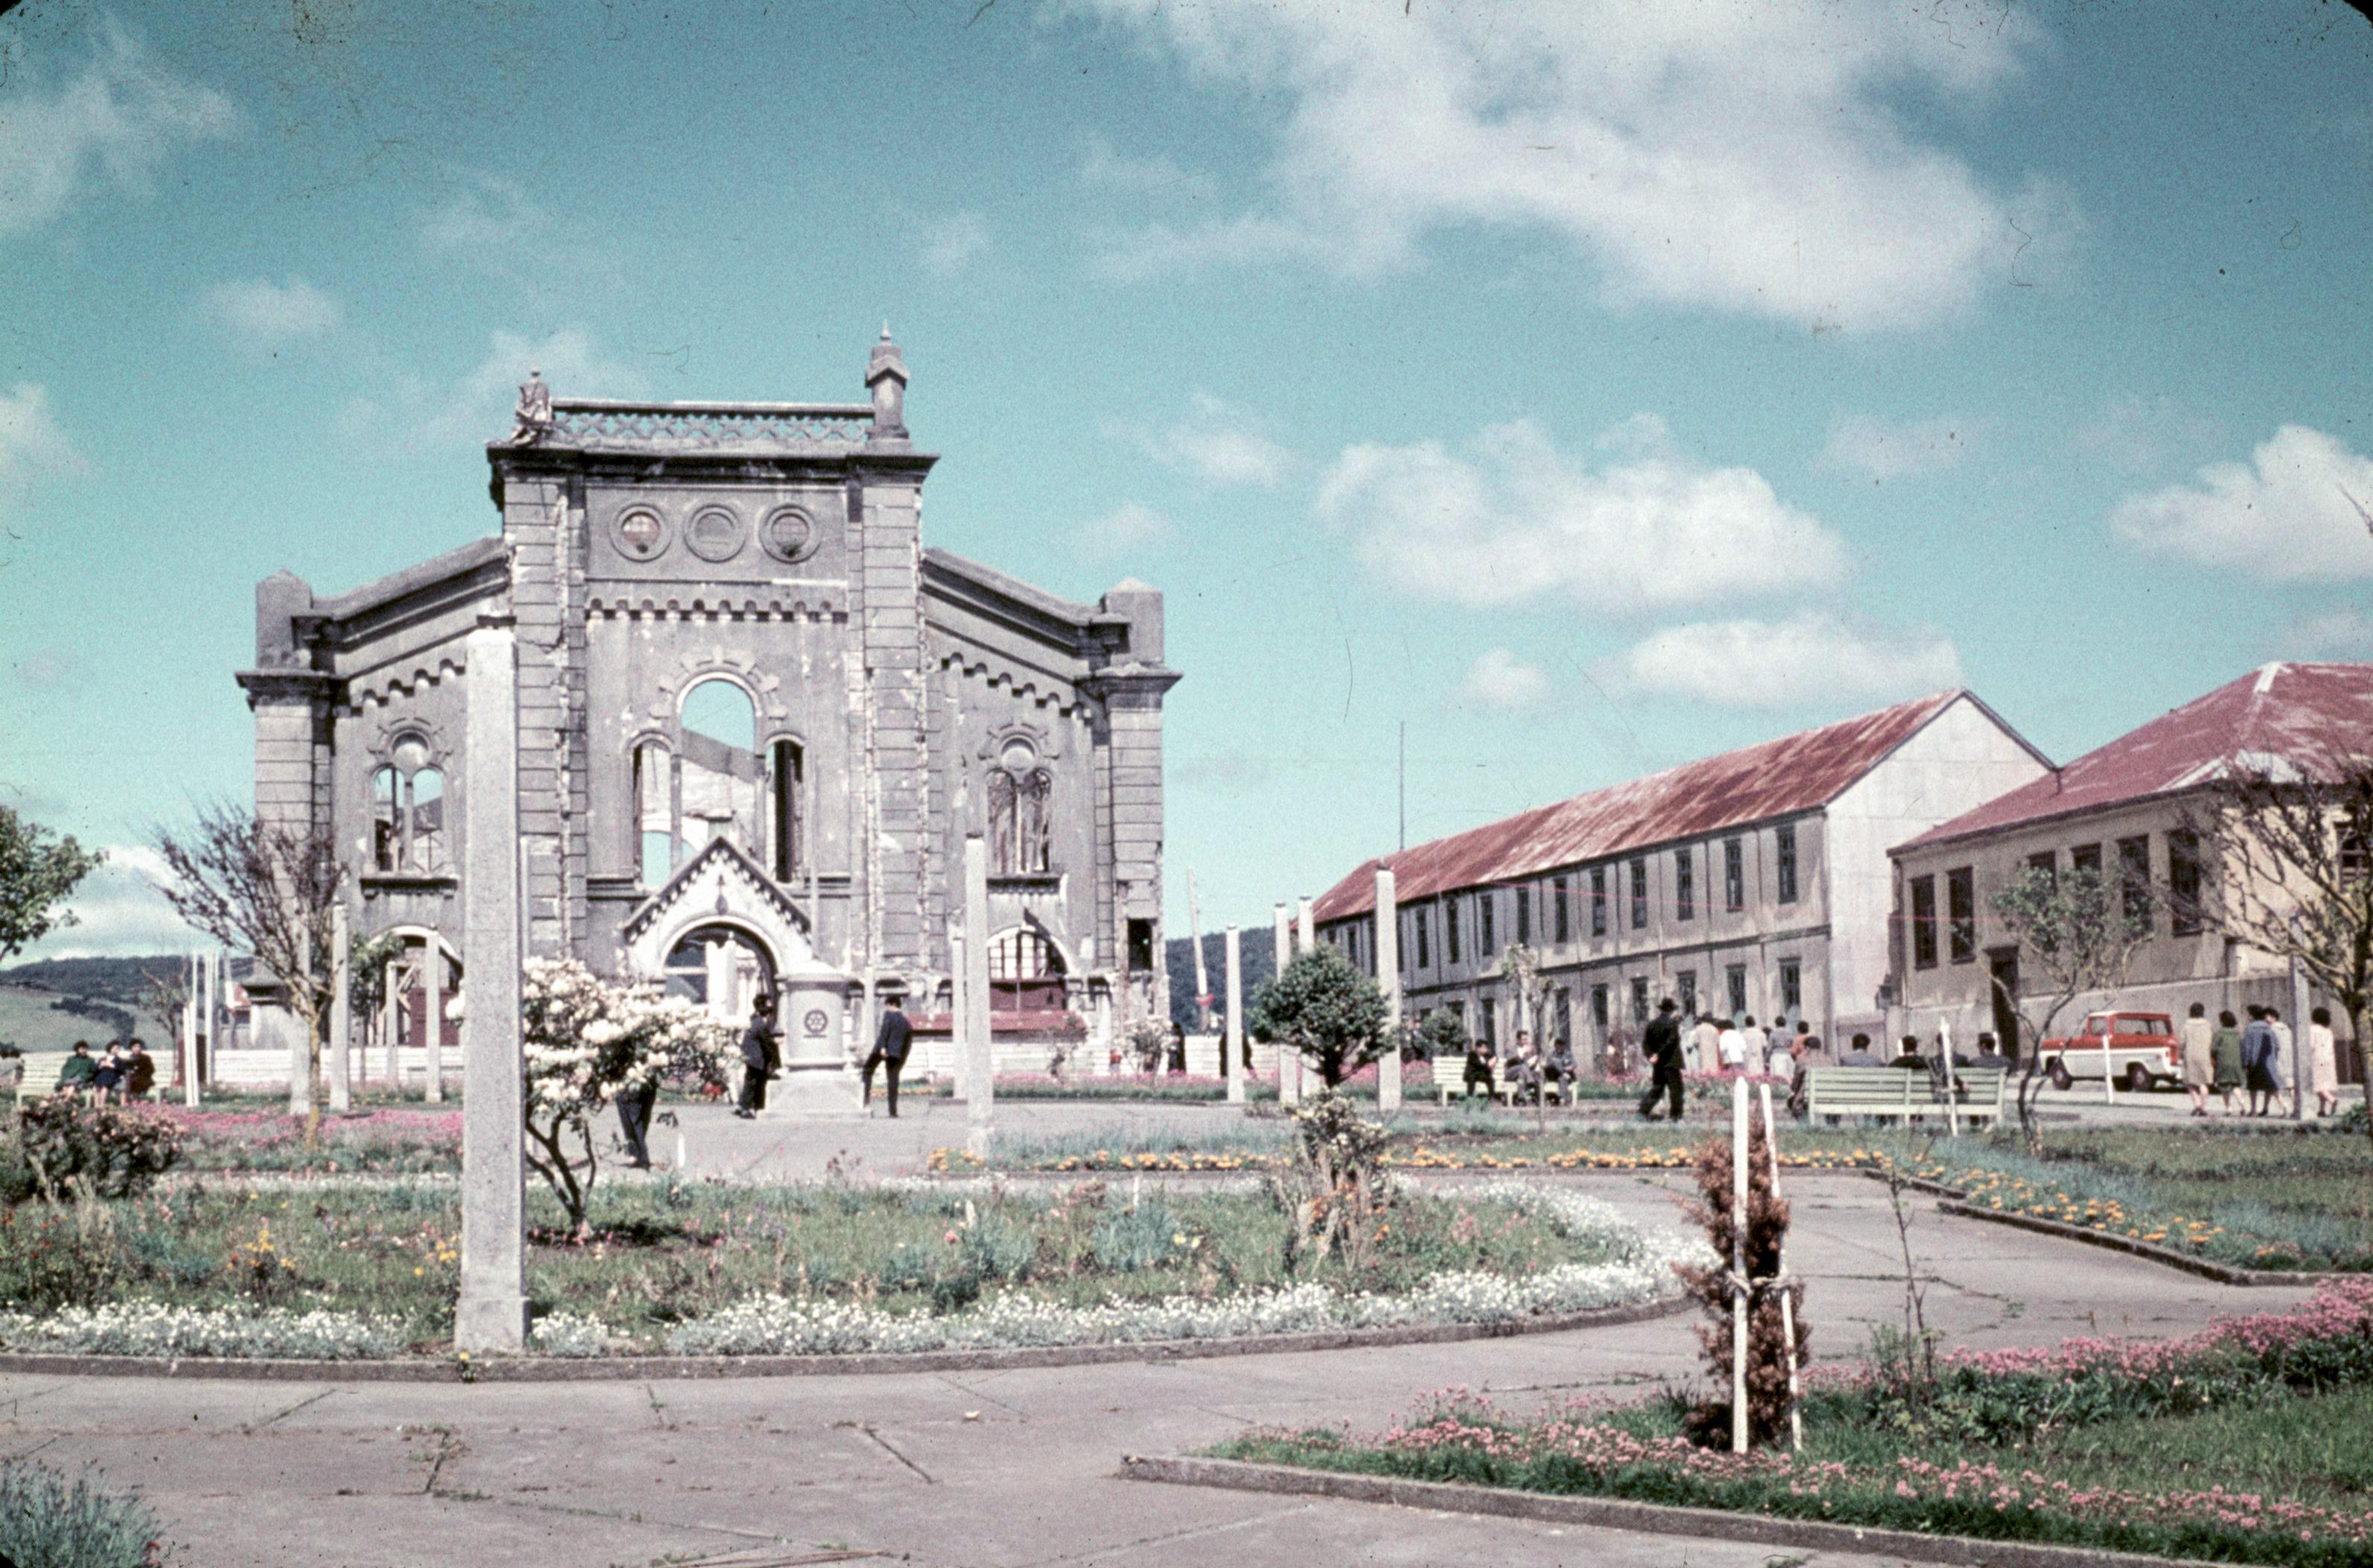 Enterreno - Fotos históricas de chile - fotos antiguas de Chile - Demolición Catedral de Ancud, 1961